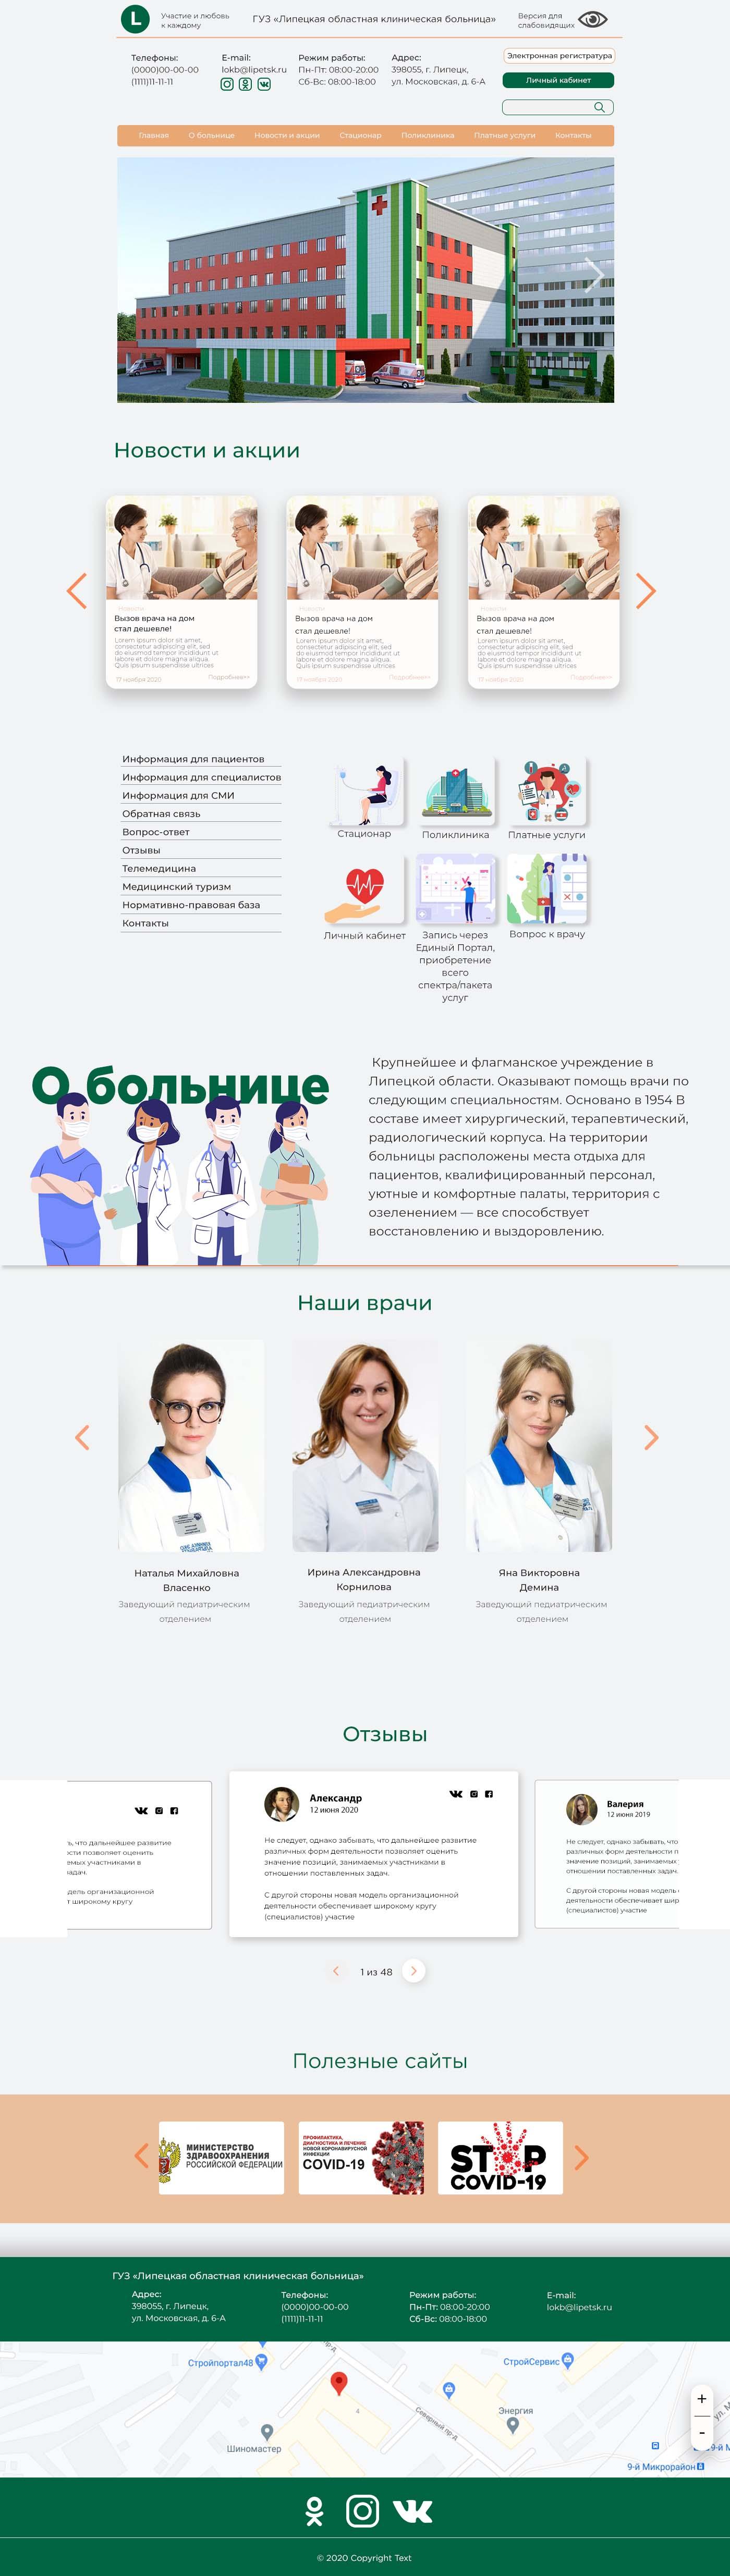 Дизайн для сайта больницы. Главная страница + 2 внутренних. фото f_7855fb4d9db0cb52.jpg